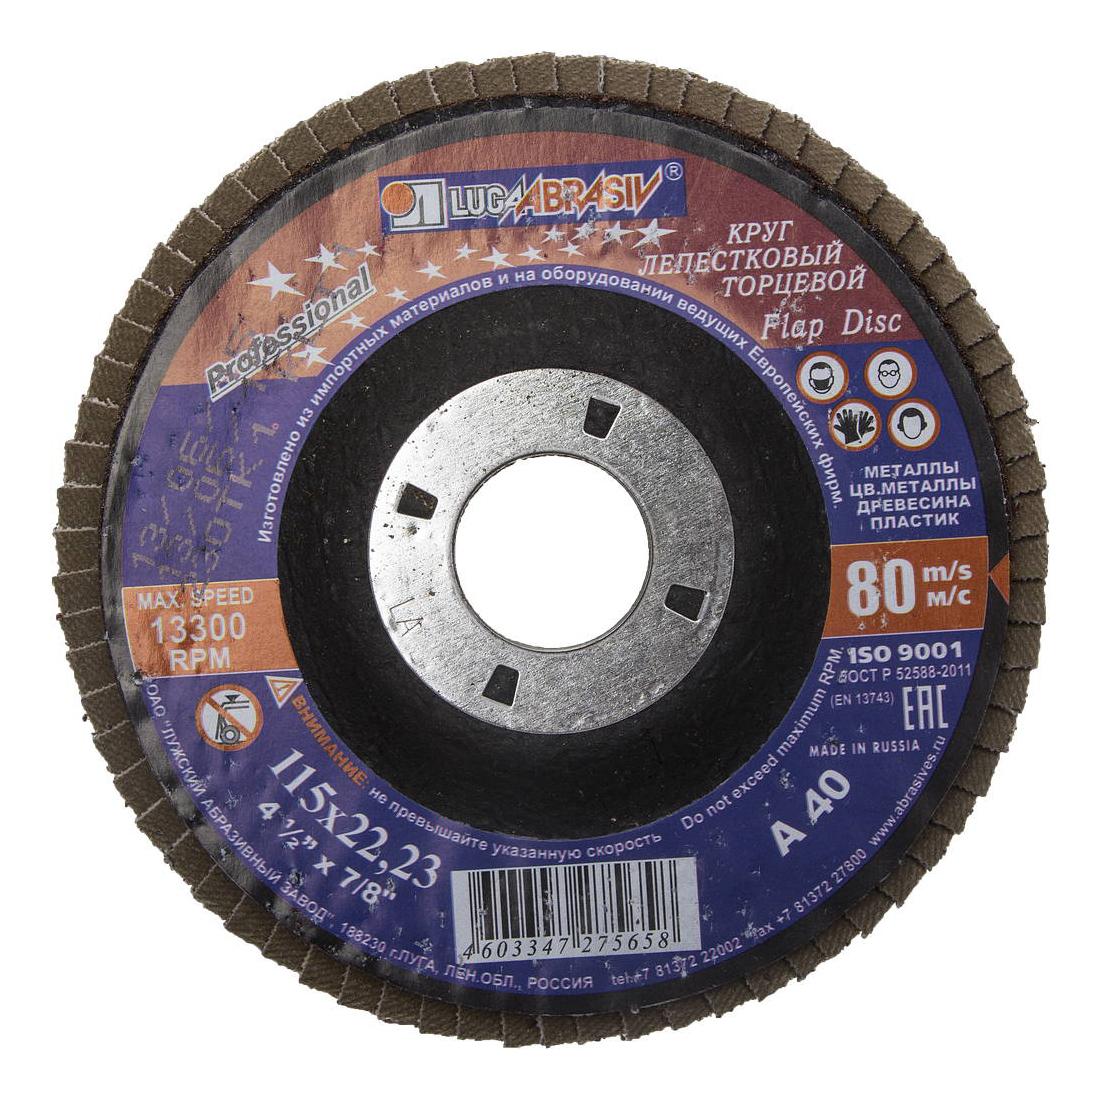 Диск лепестковый для угловых шлифмашин ЛУГА 3656-115-40